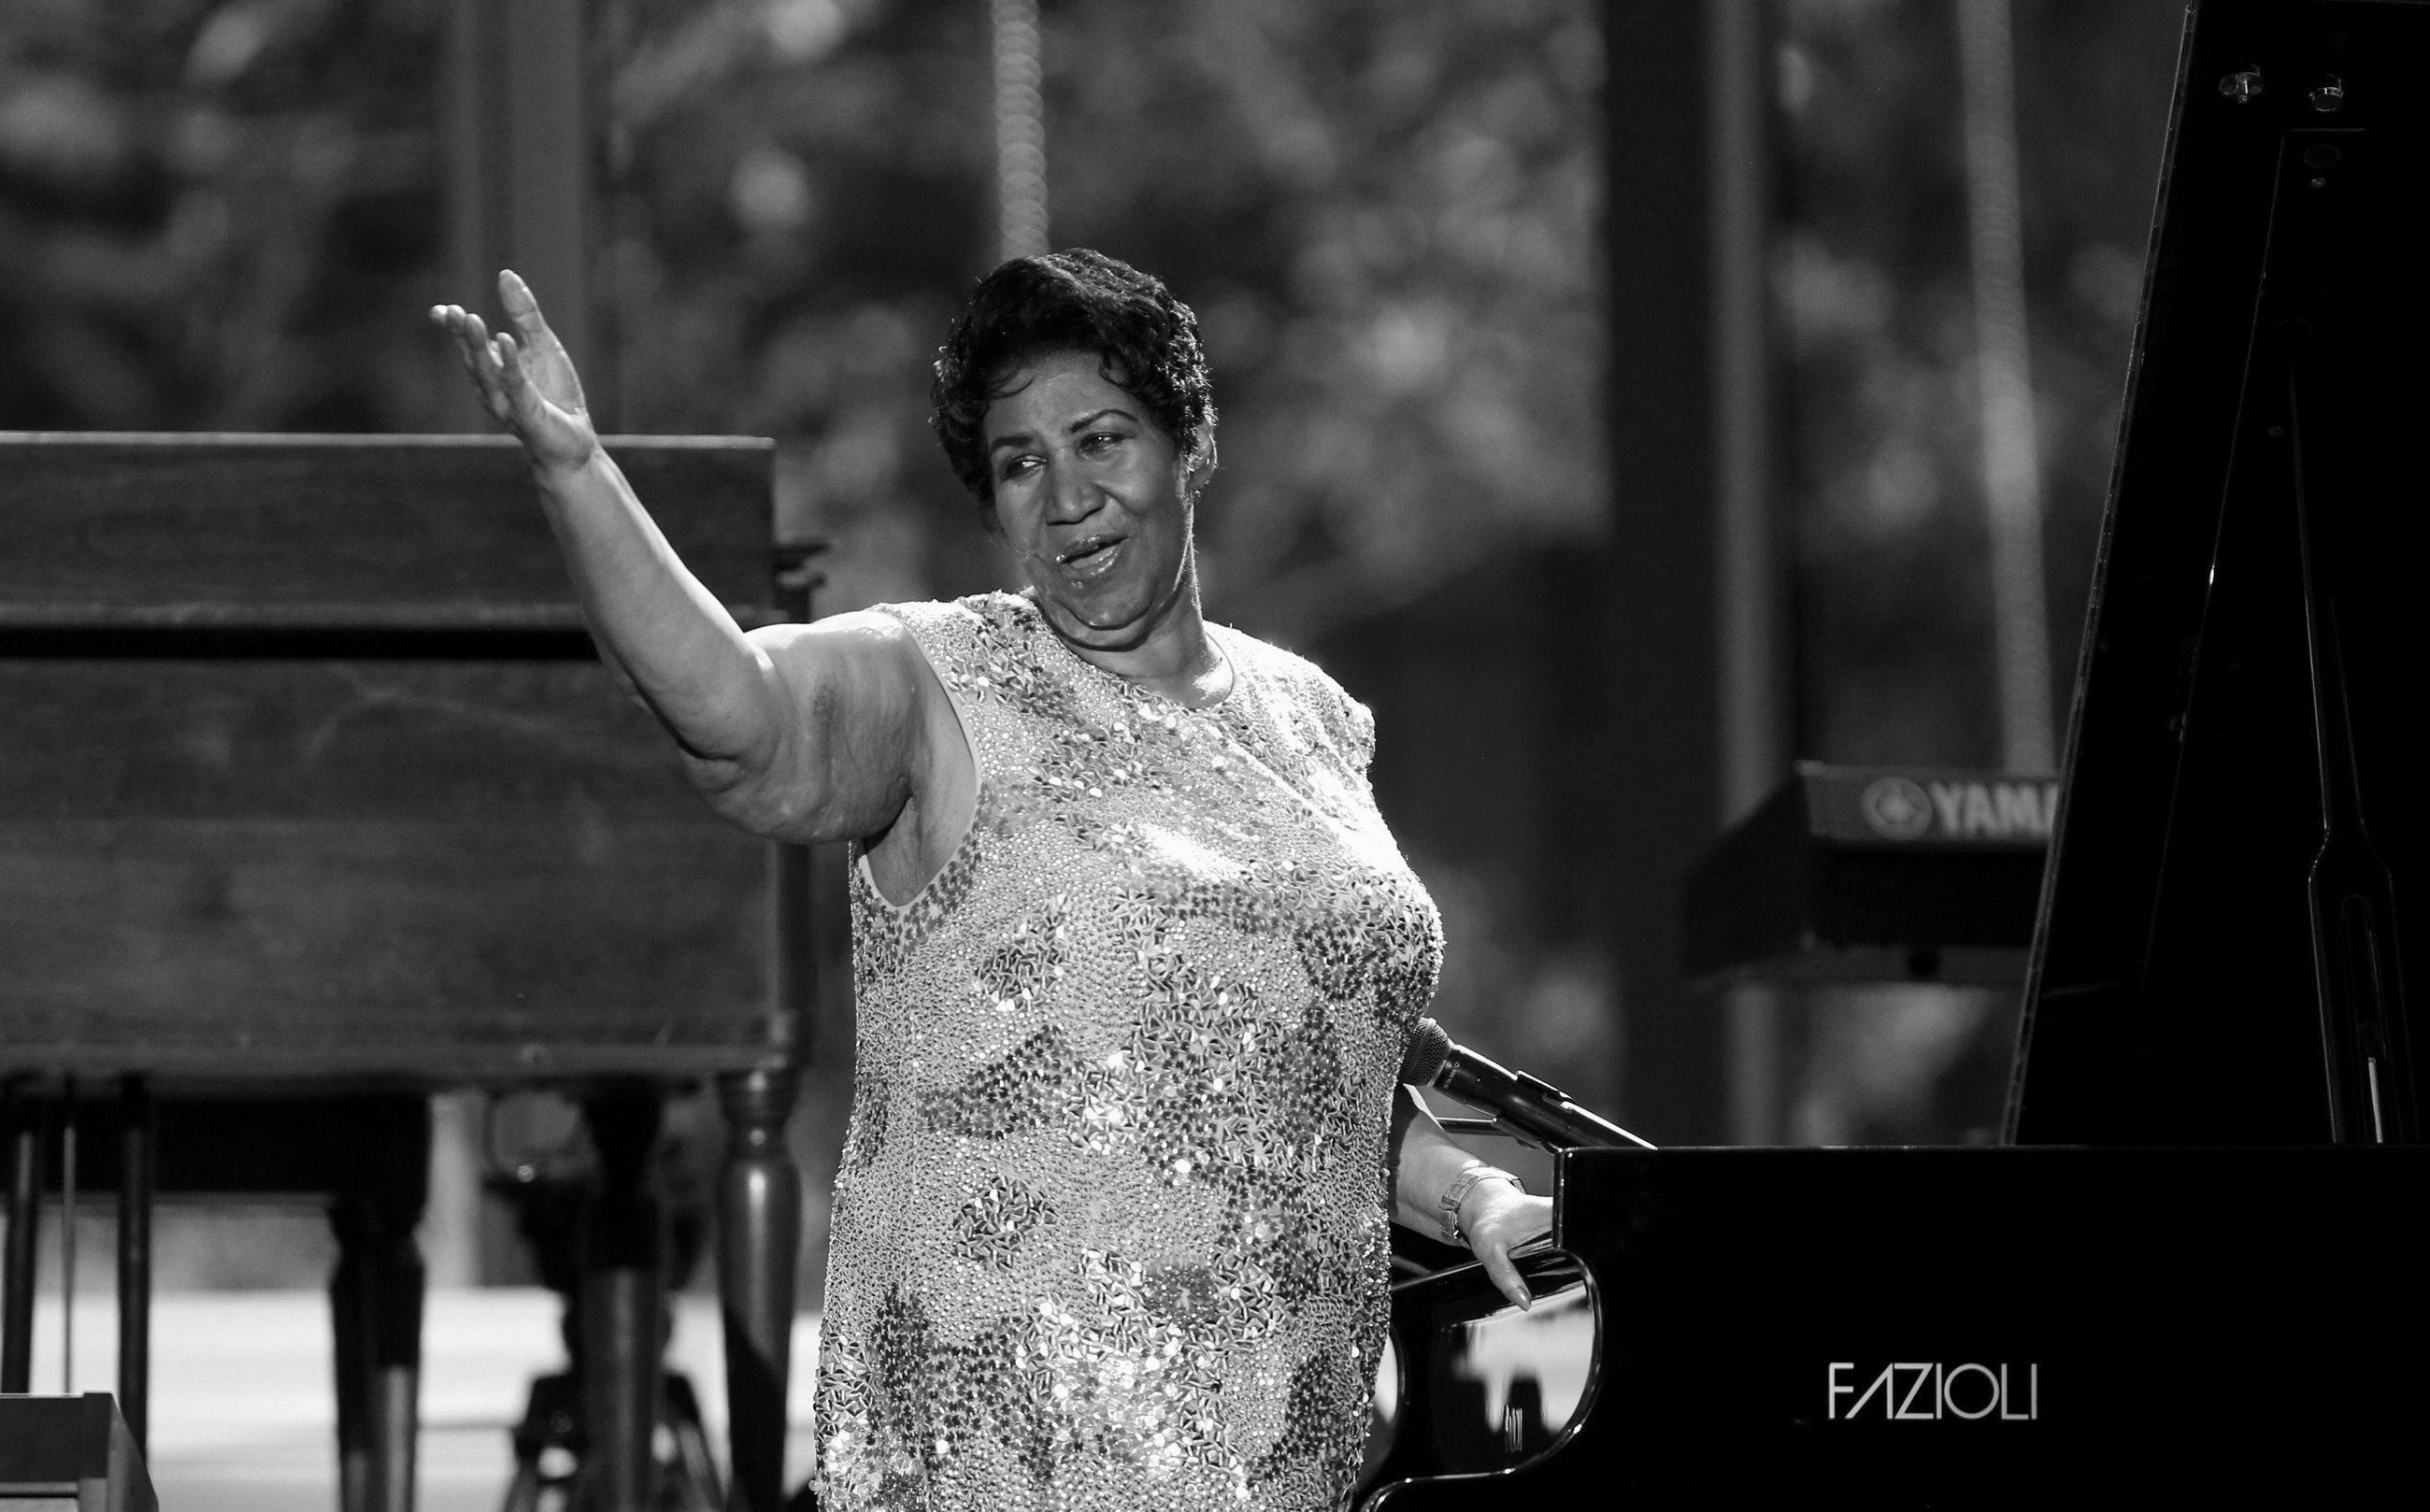 Amerykańska artystka Aretha Franklin zmarła w wieku 76 lat